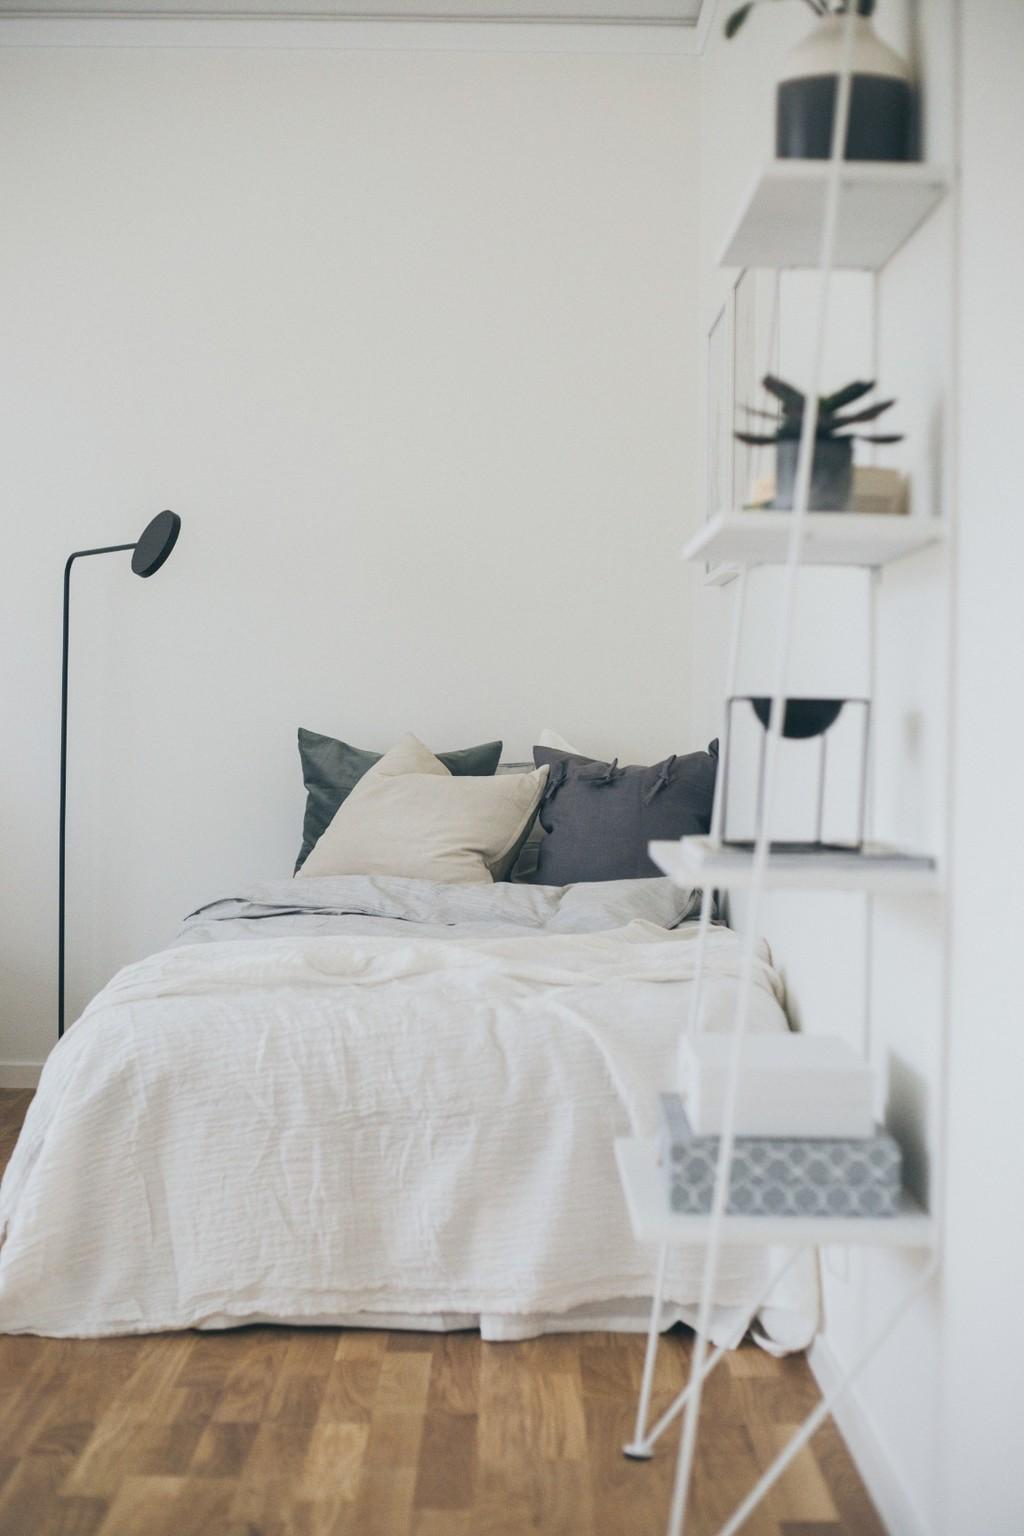 bäddad säng med beige, grön och grå kuddar, vit bokfylla som lutar mot väggen och en svart golvlampa